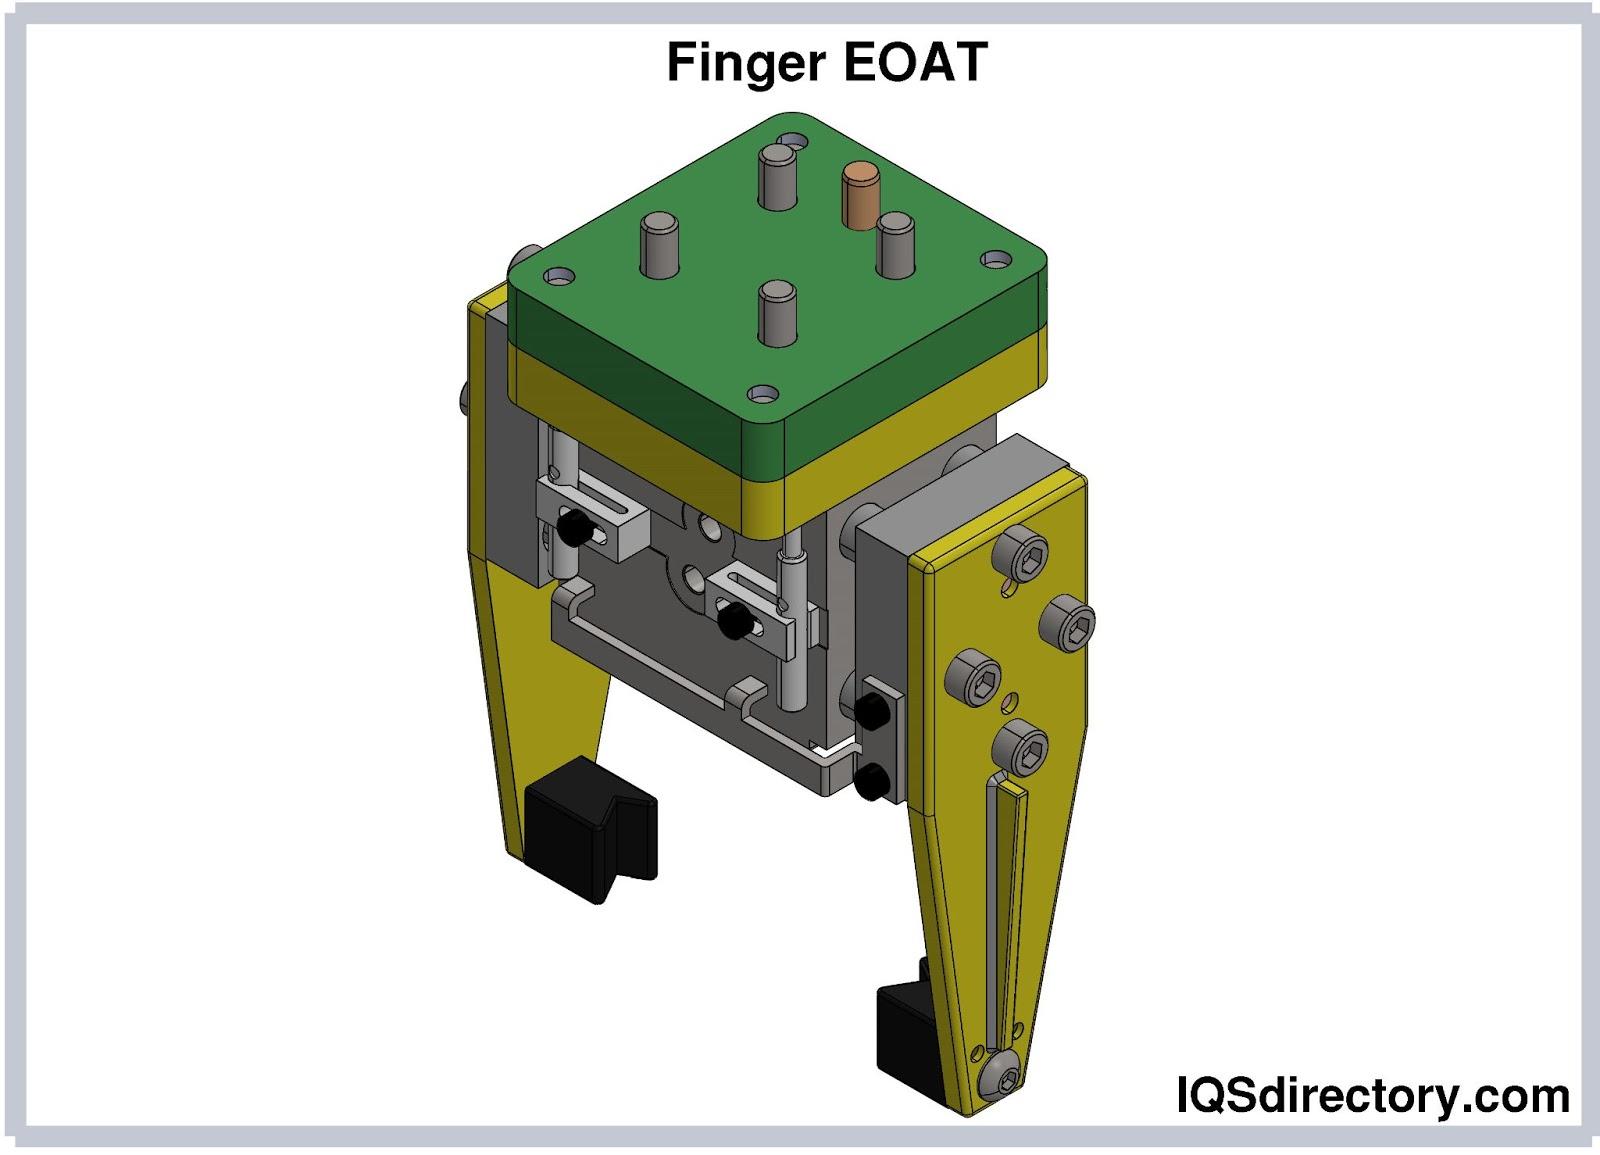 Finger EOAT